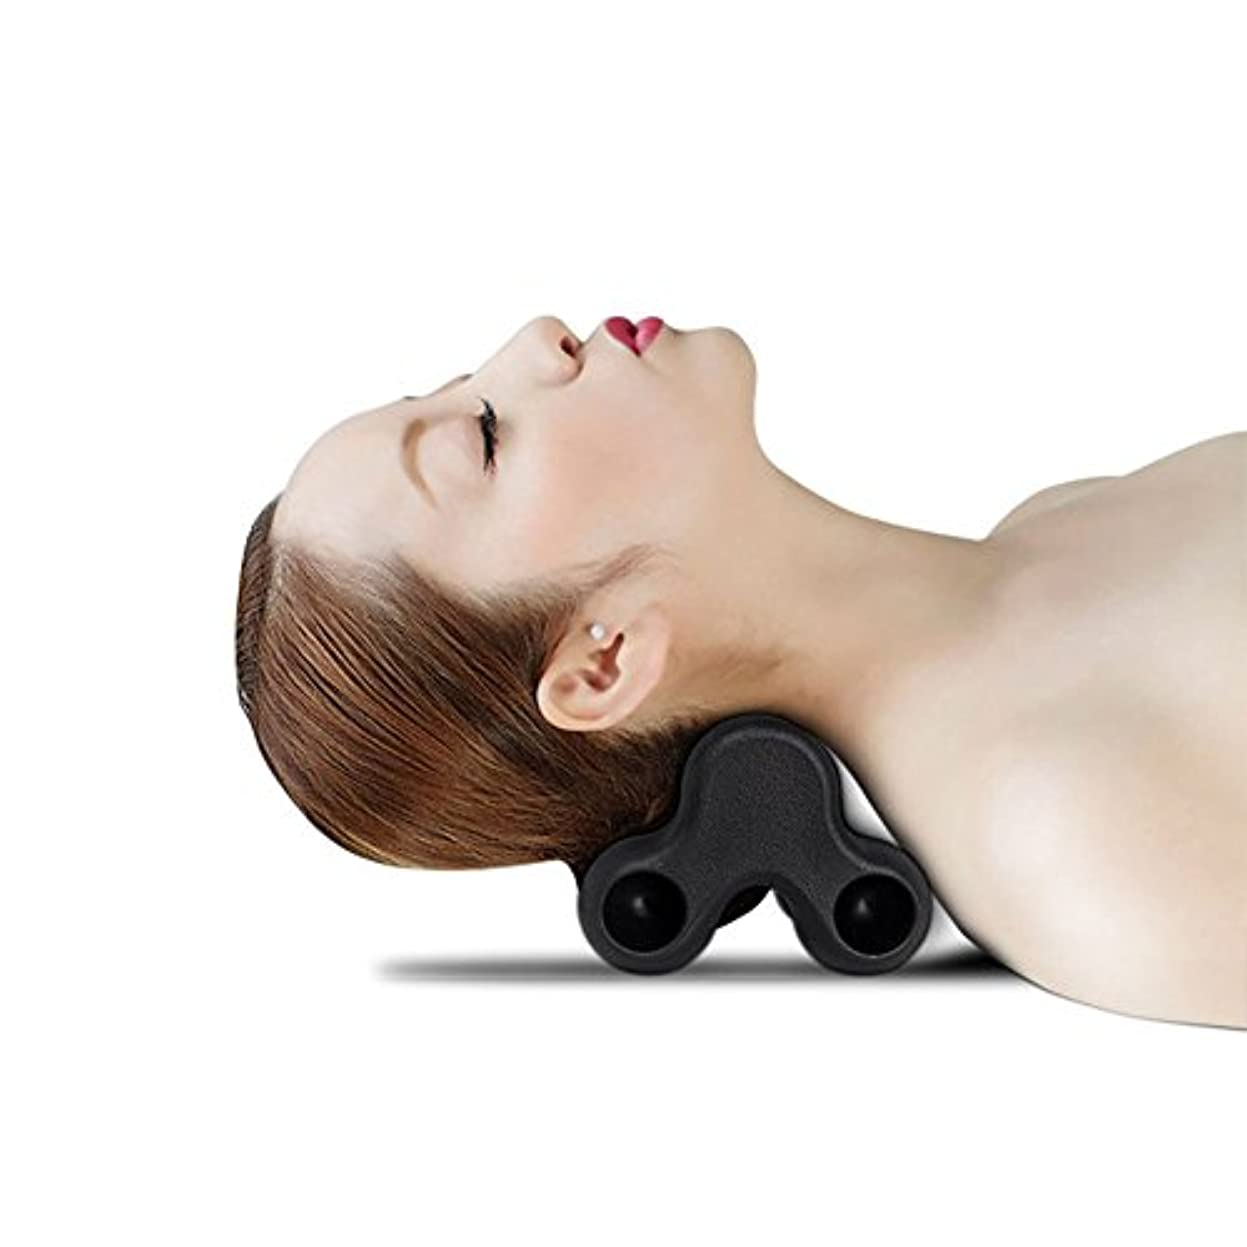 ビルダー専門麻酔薬SYNC ツボ押し グリグリ 強力 マッサージ 枕 指圧感 ピロー ツボ 多用途 (ブラック)